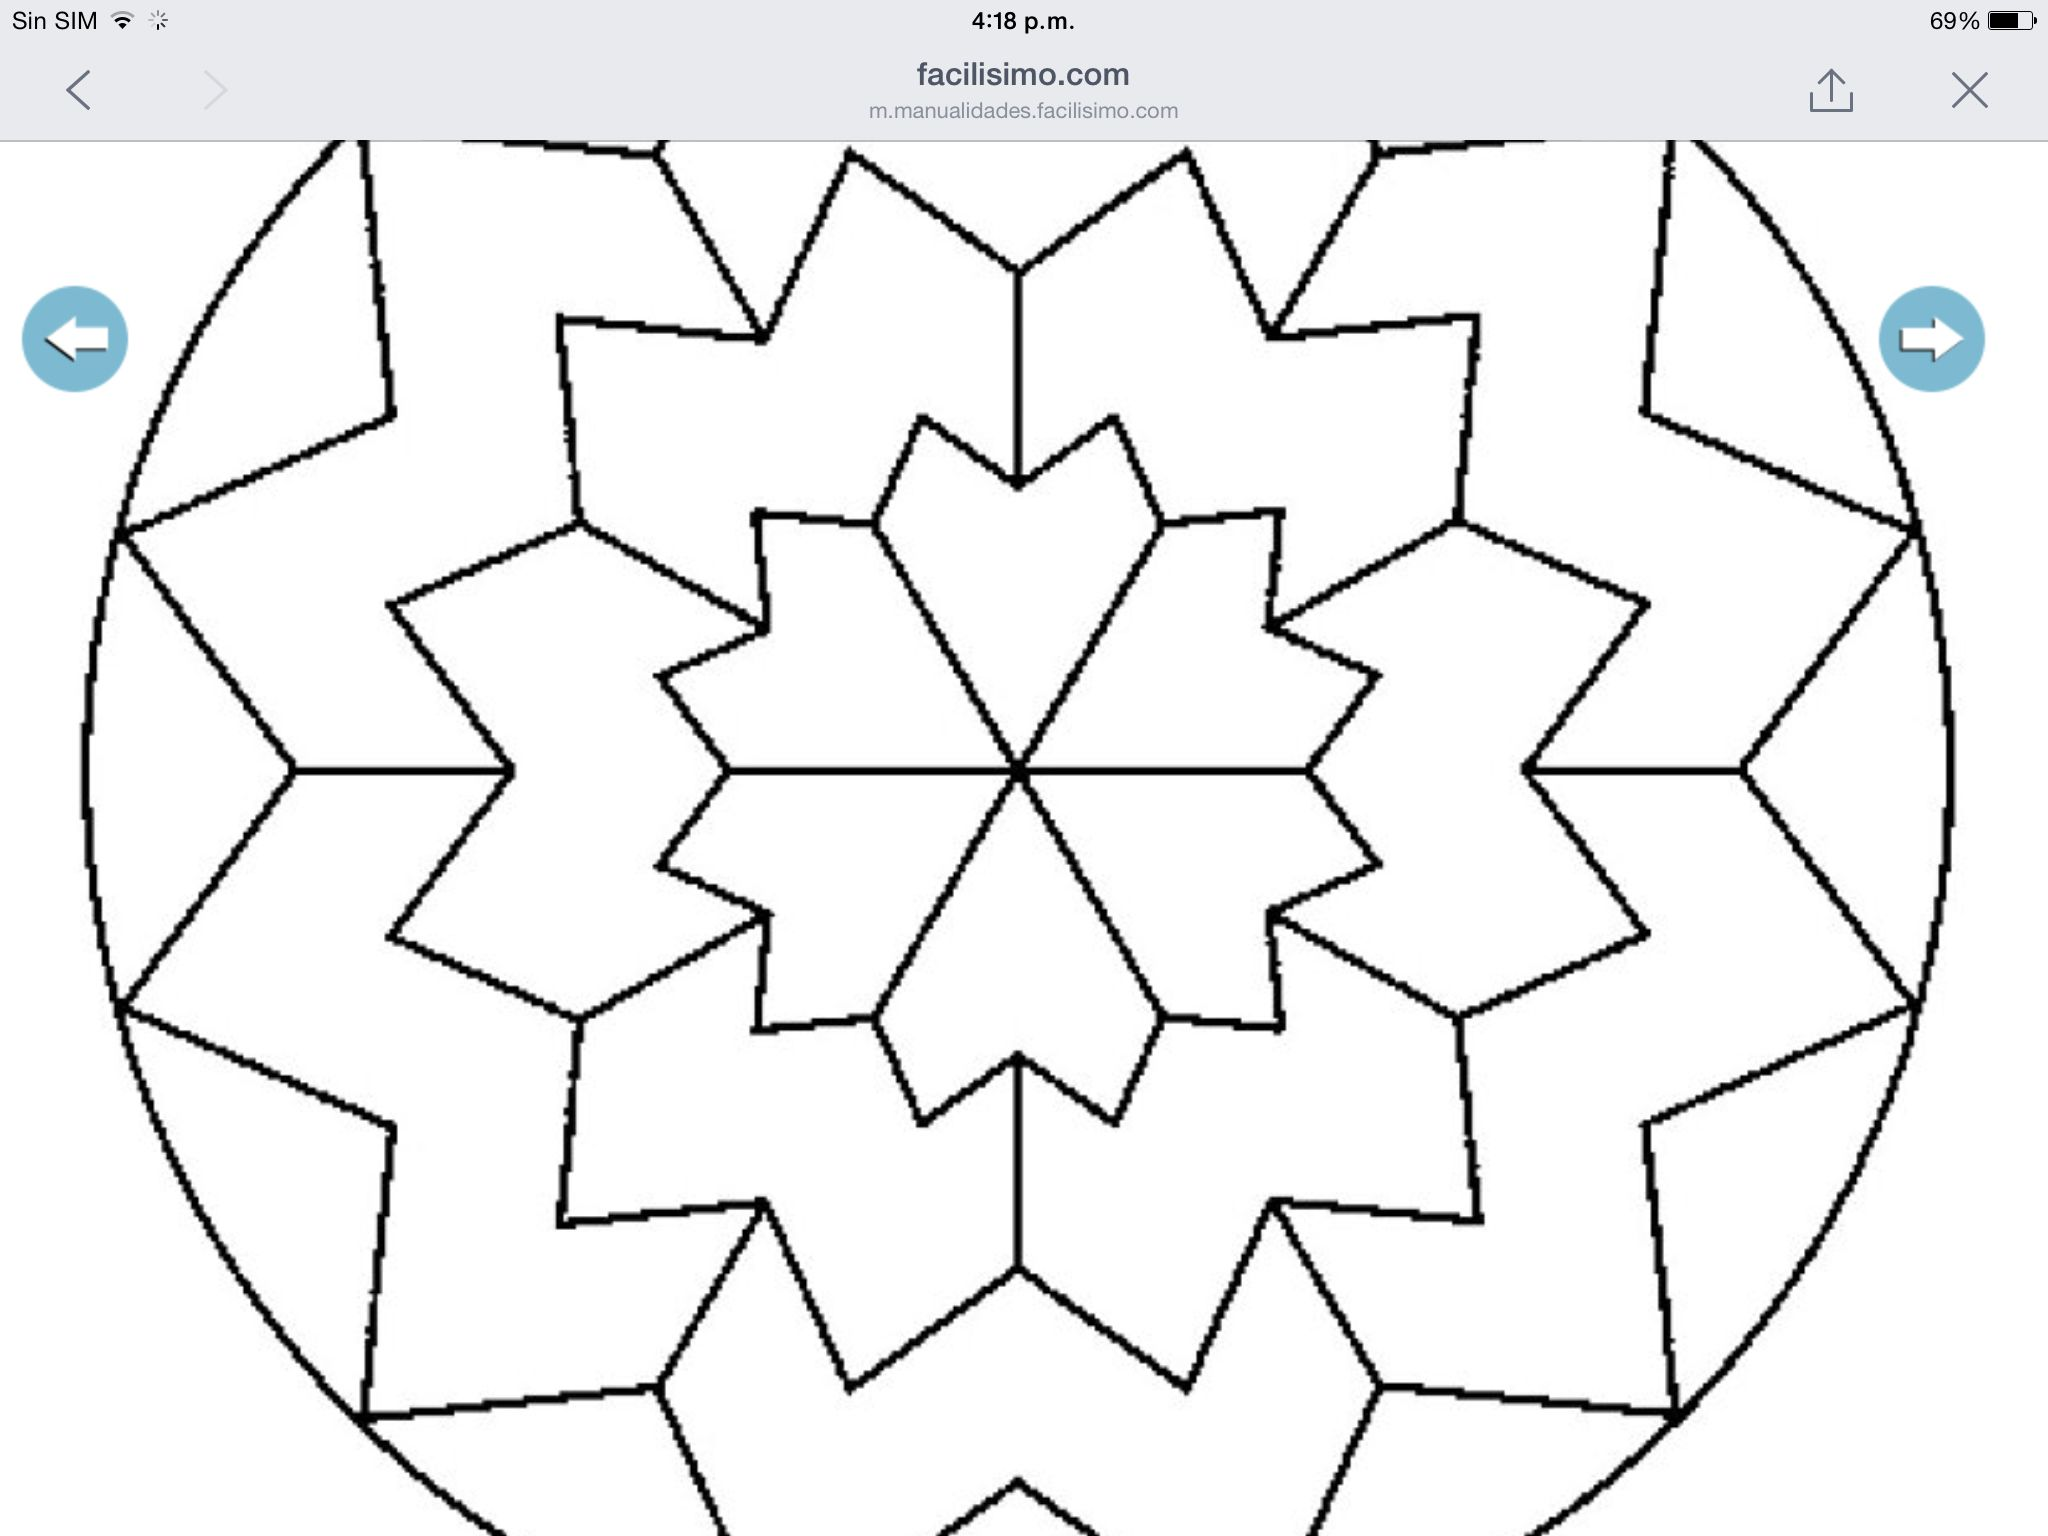 Dibujo De Mandala 11 Para Pintar Y Colorear En Línea: Mandalas Para Colorear, Colores Y Pintar